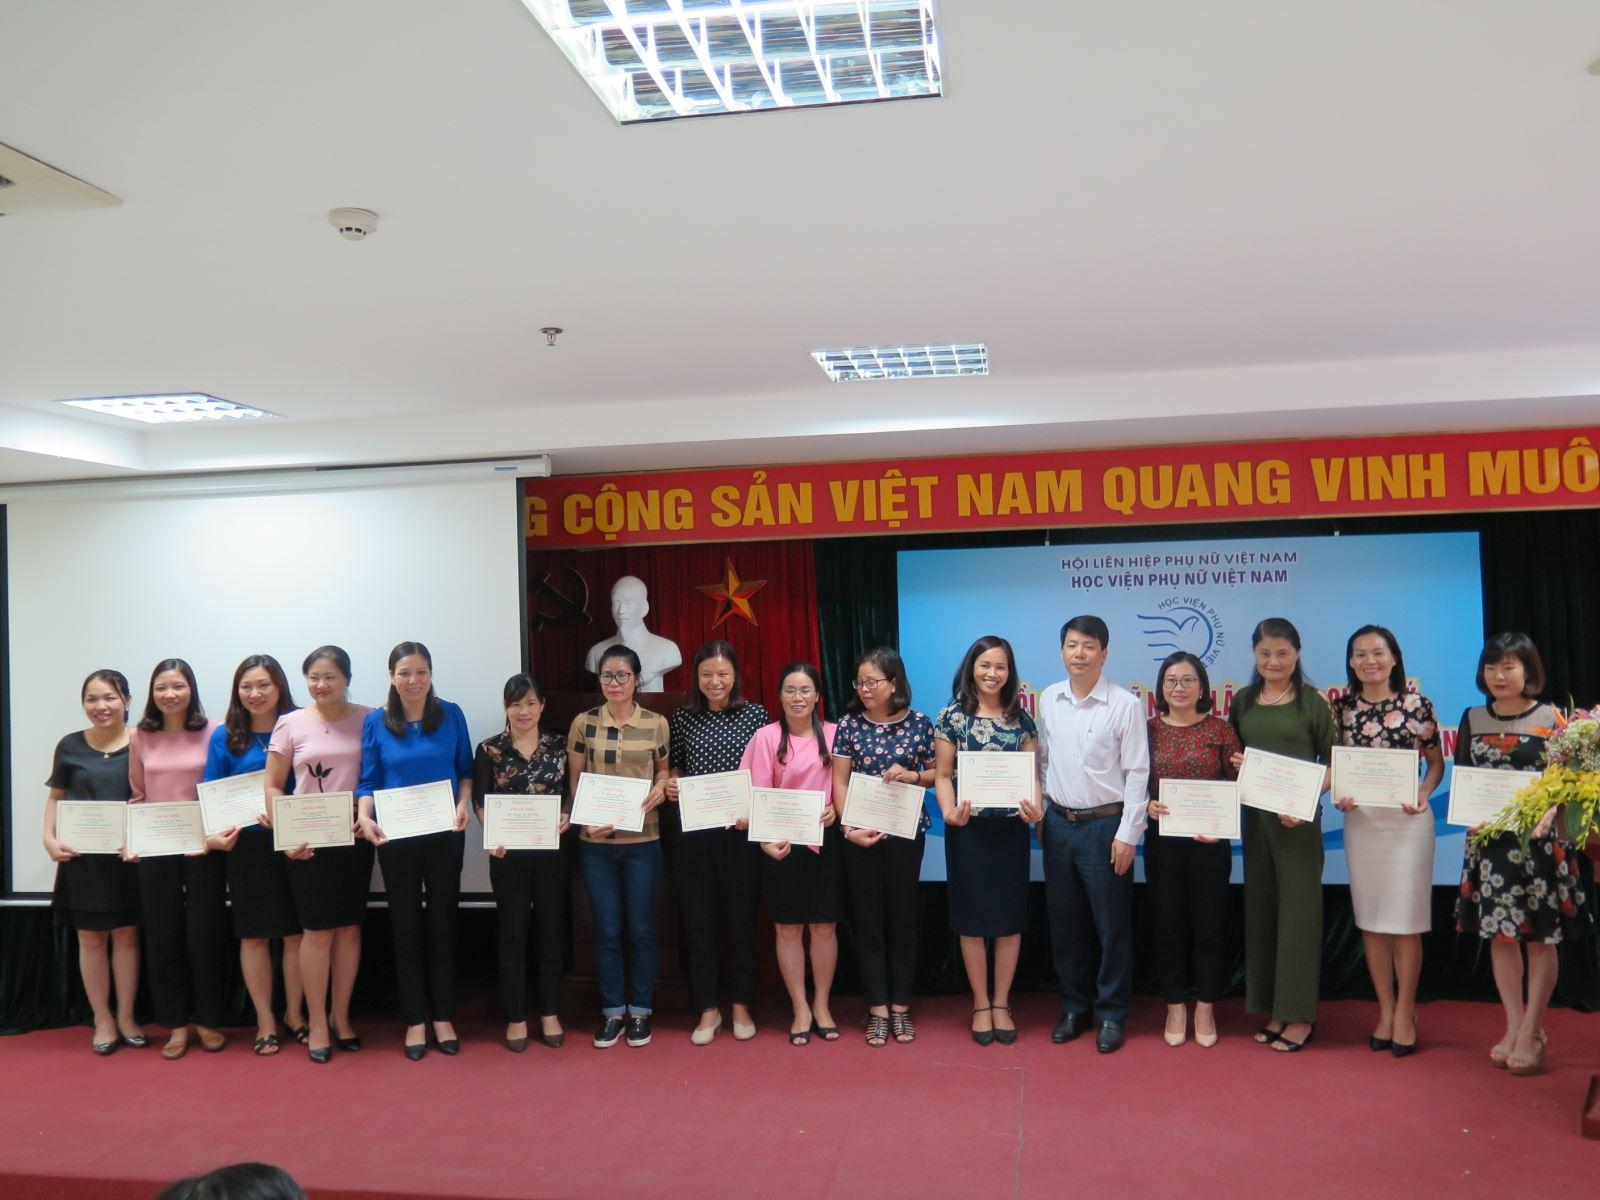 Bế giảng lớp Bồi dưỡng  Kỹ năng lãnh đạo, quản lý cho cán bộ Hội Liên hiệp Phụ nữ cấp tỉnh và huyện